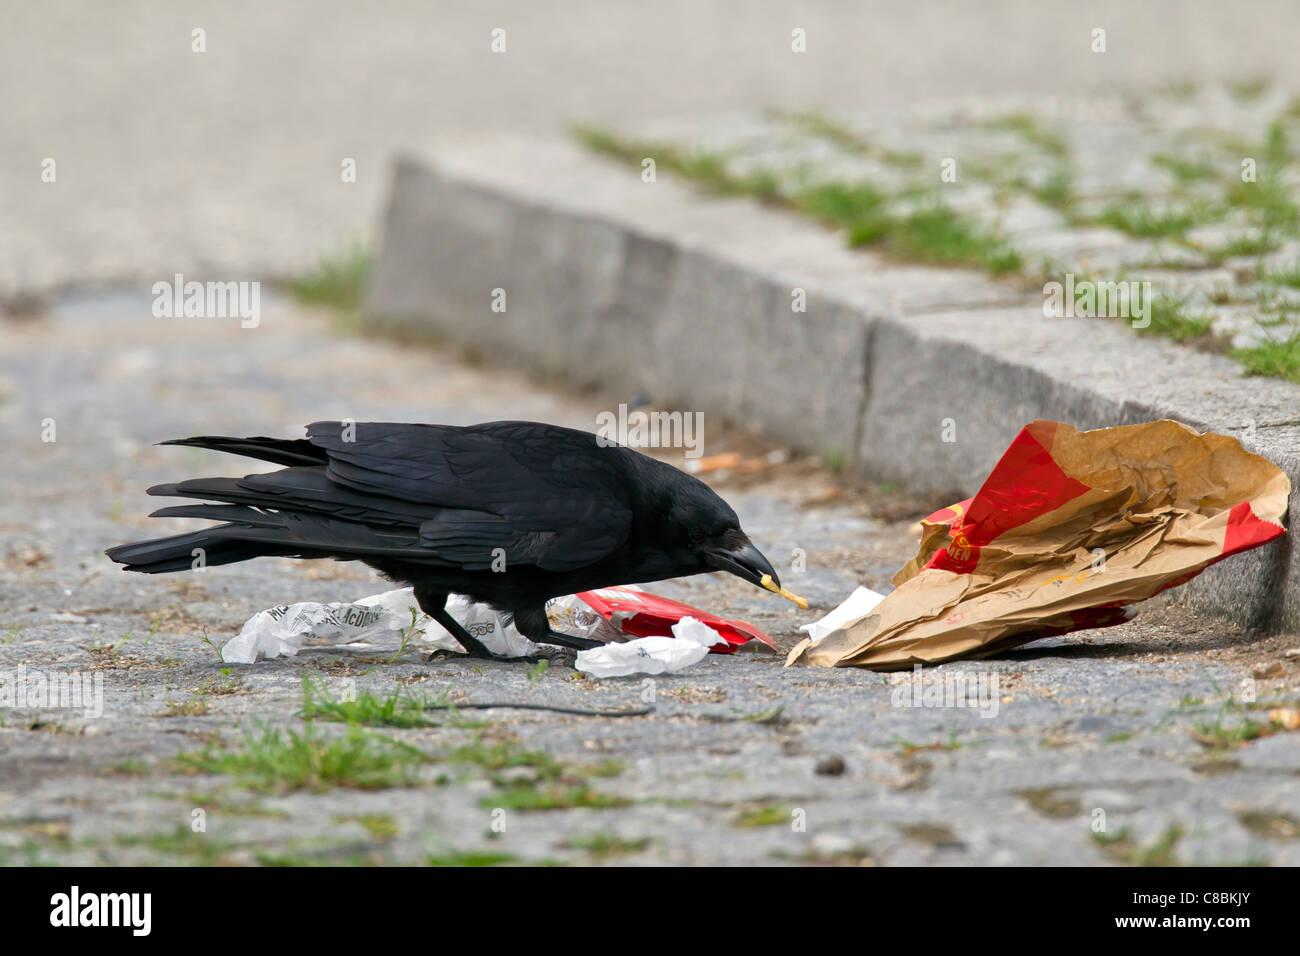 AAS-Krähe (Corvus Corone) Aufräumvorgang für Lebensmittel im Müll auf der Straße, Deutschland Stockbild